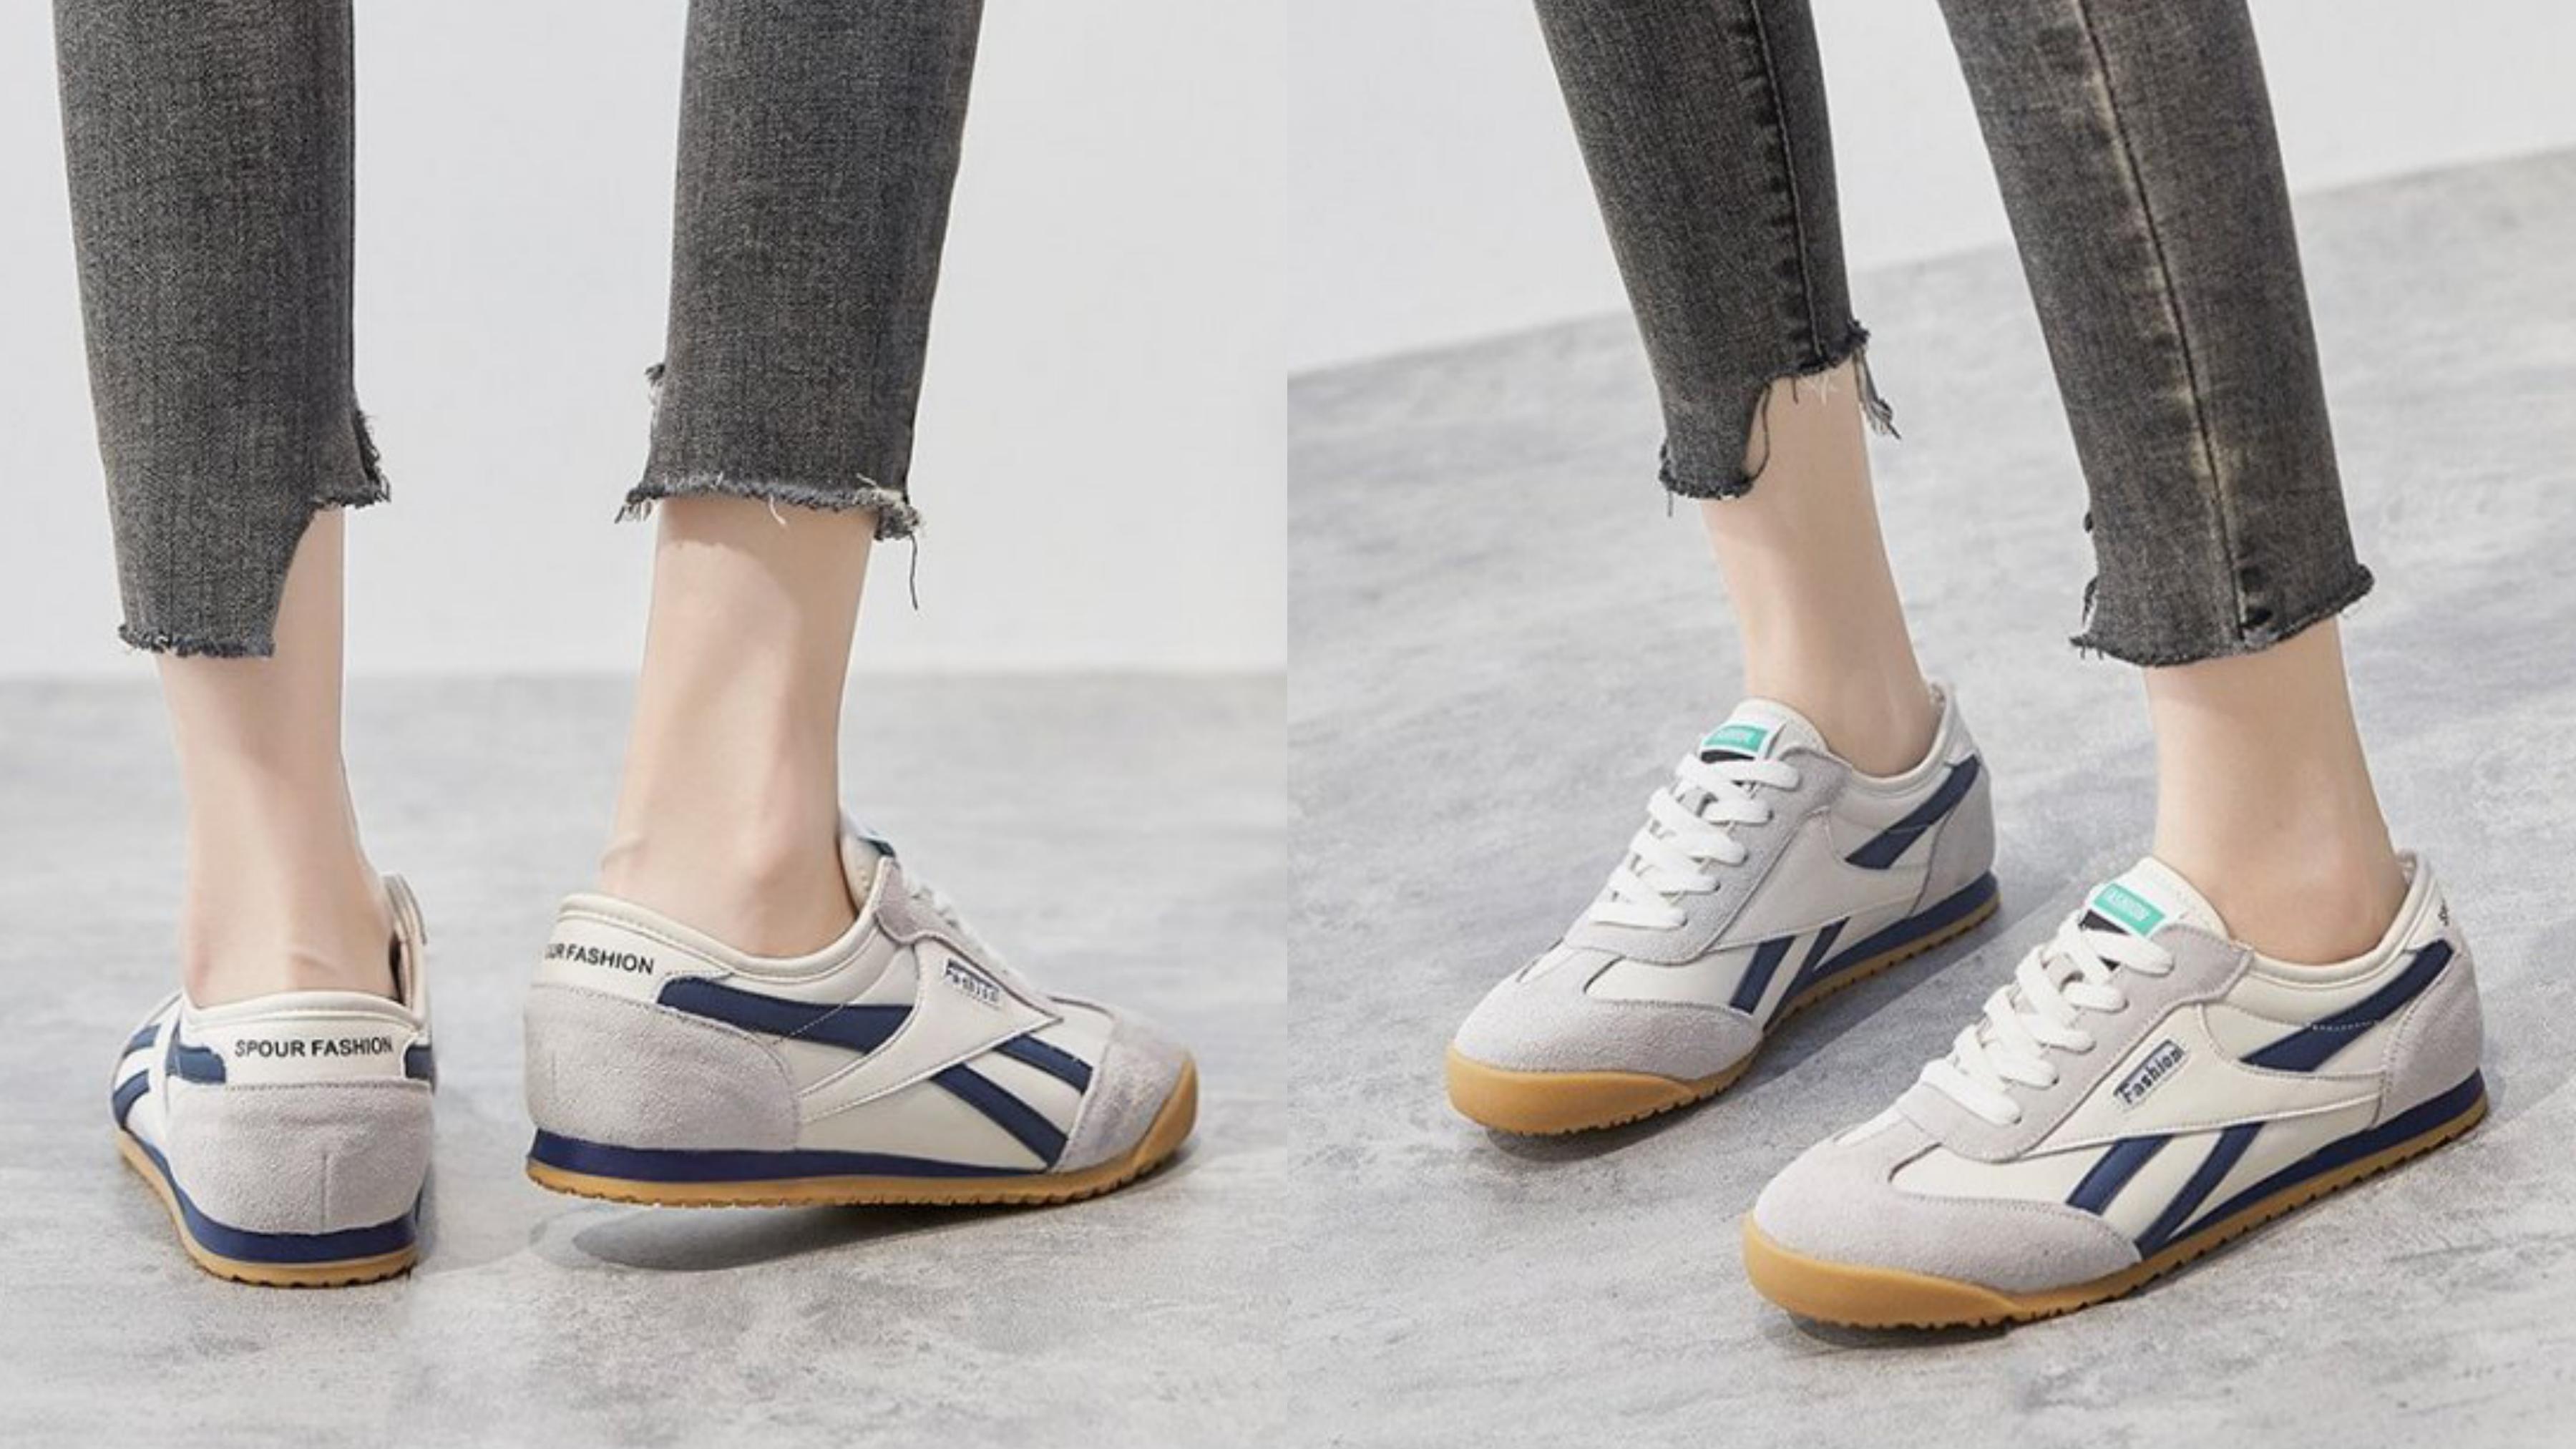 韓版的窄型鞋頭造型,可以修飾過寬的腳型,還能拉長腿部線條